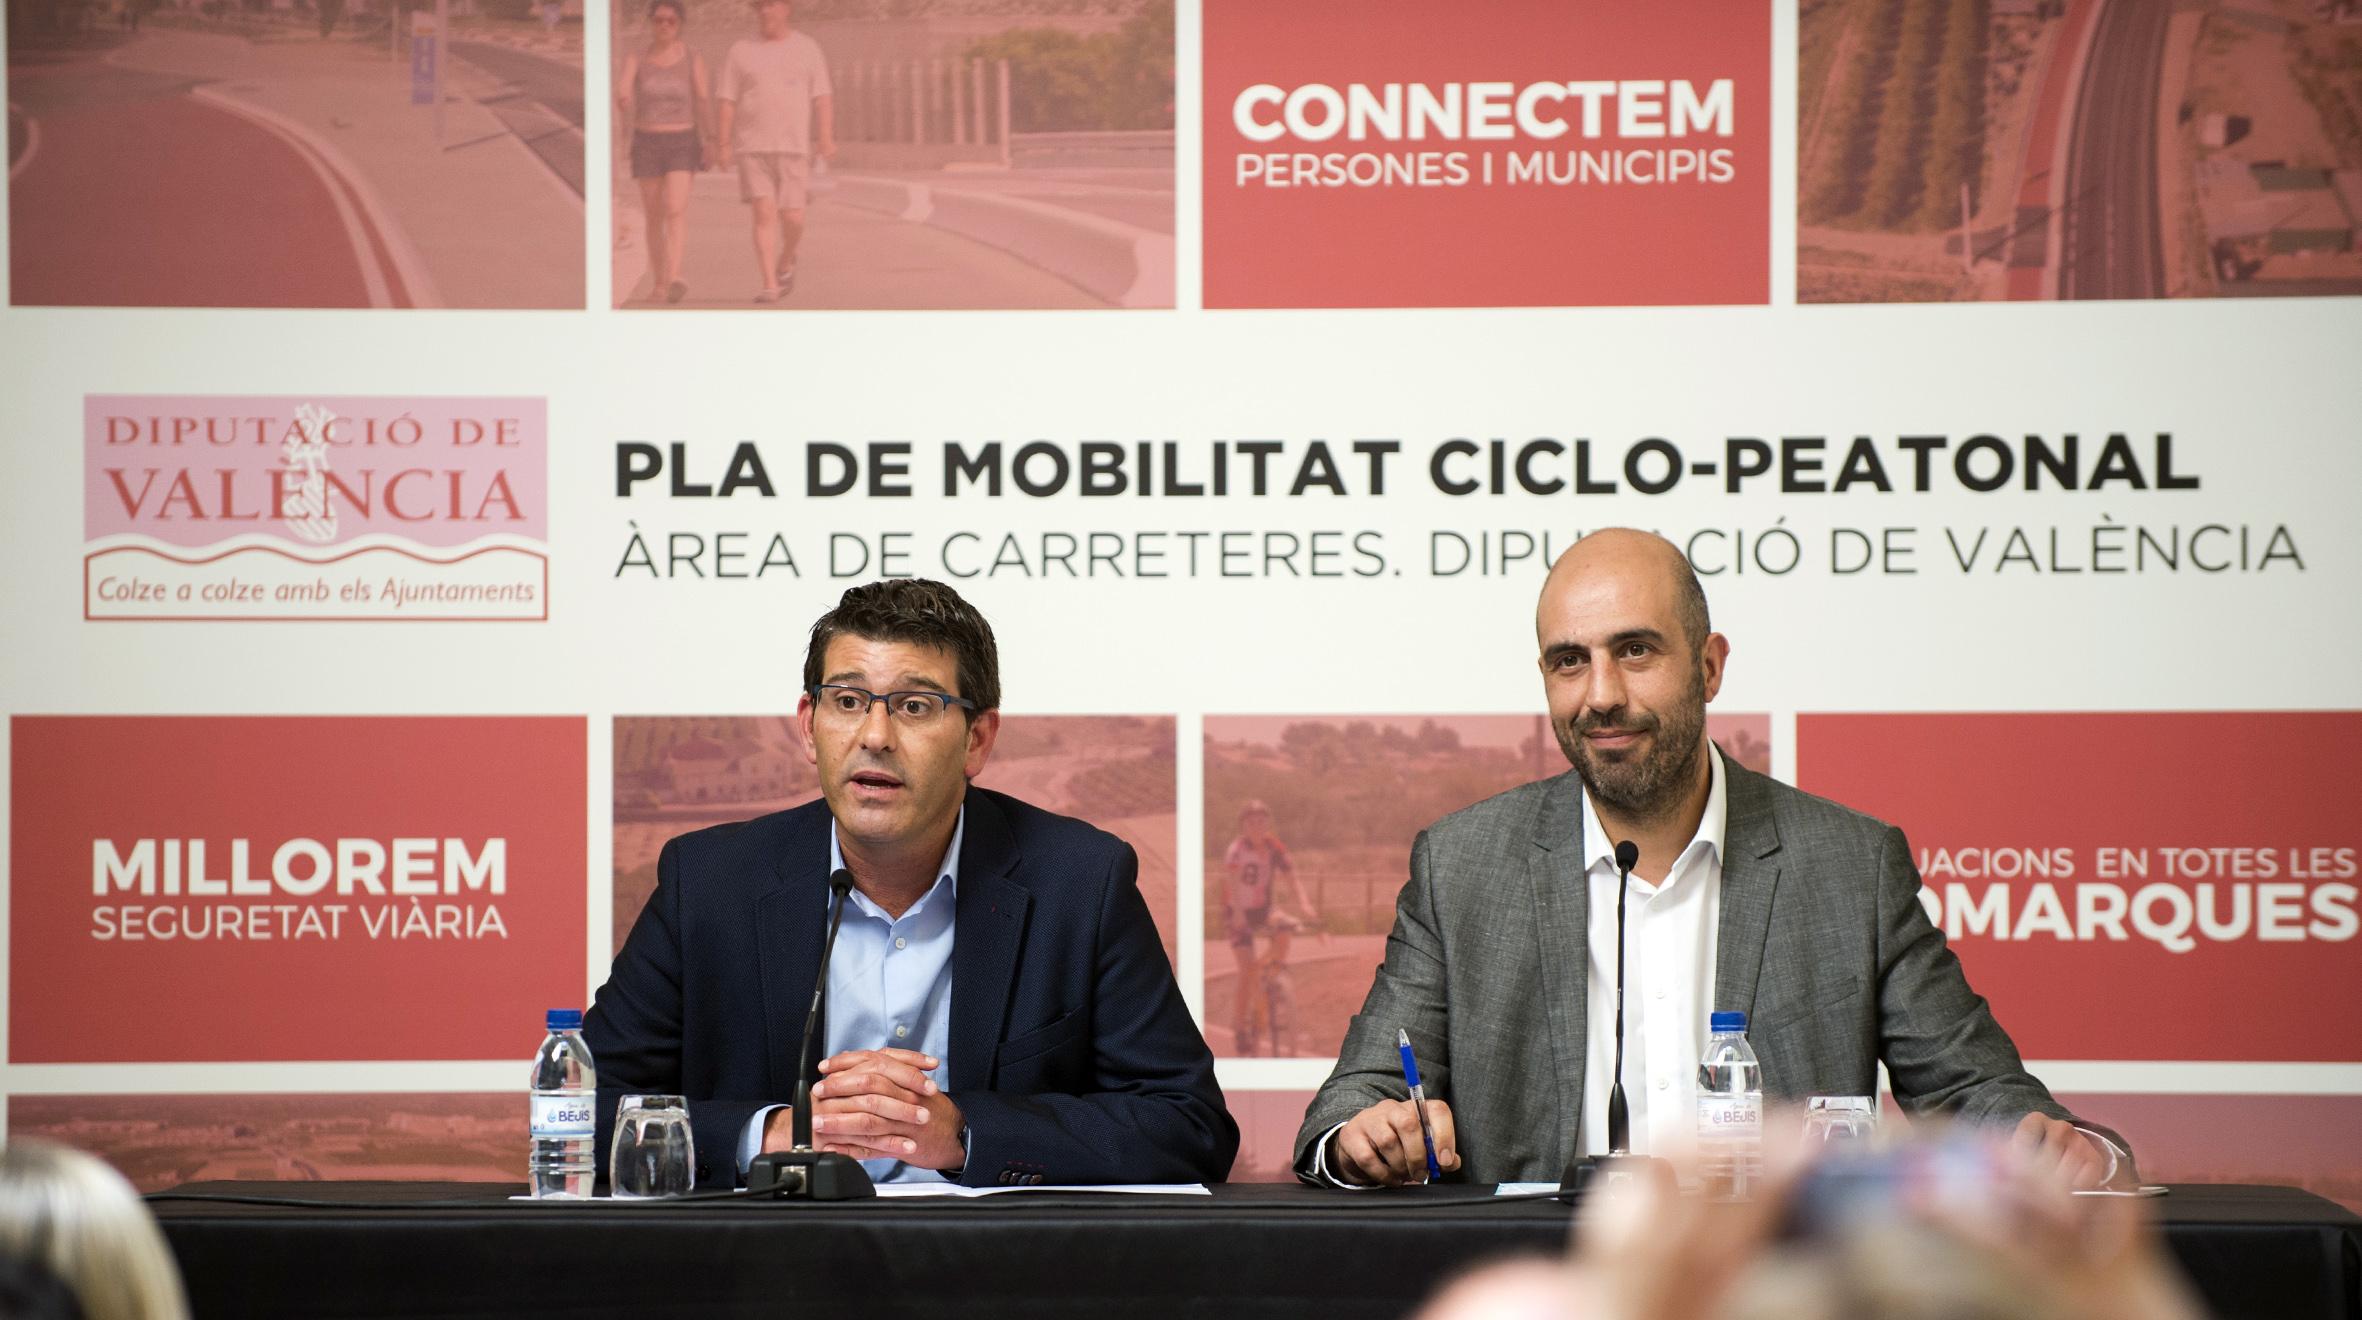 Jorge Rodríguez y Pablo Seguí han explicado que las soluciones pasan por reforzar la señalización de advertencia, establecer limitaciones de velocidad en los horarios y tramos más frecuentados y ampliar arcenes.